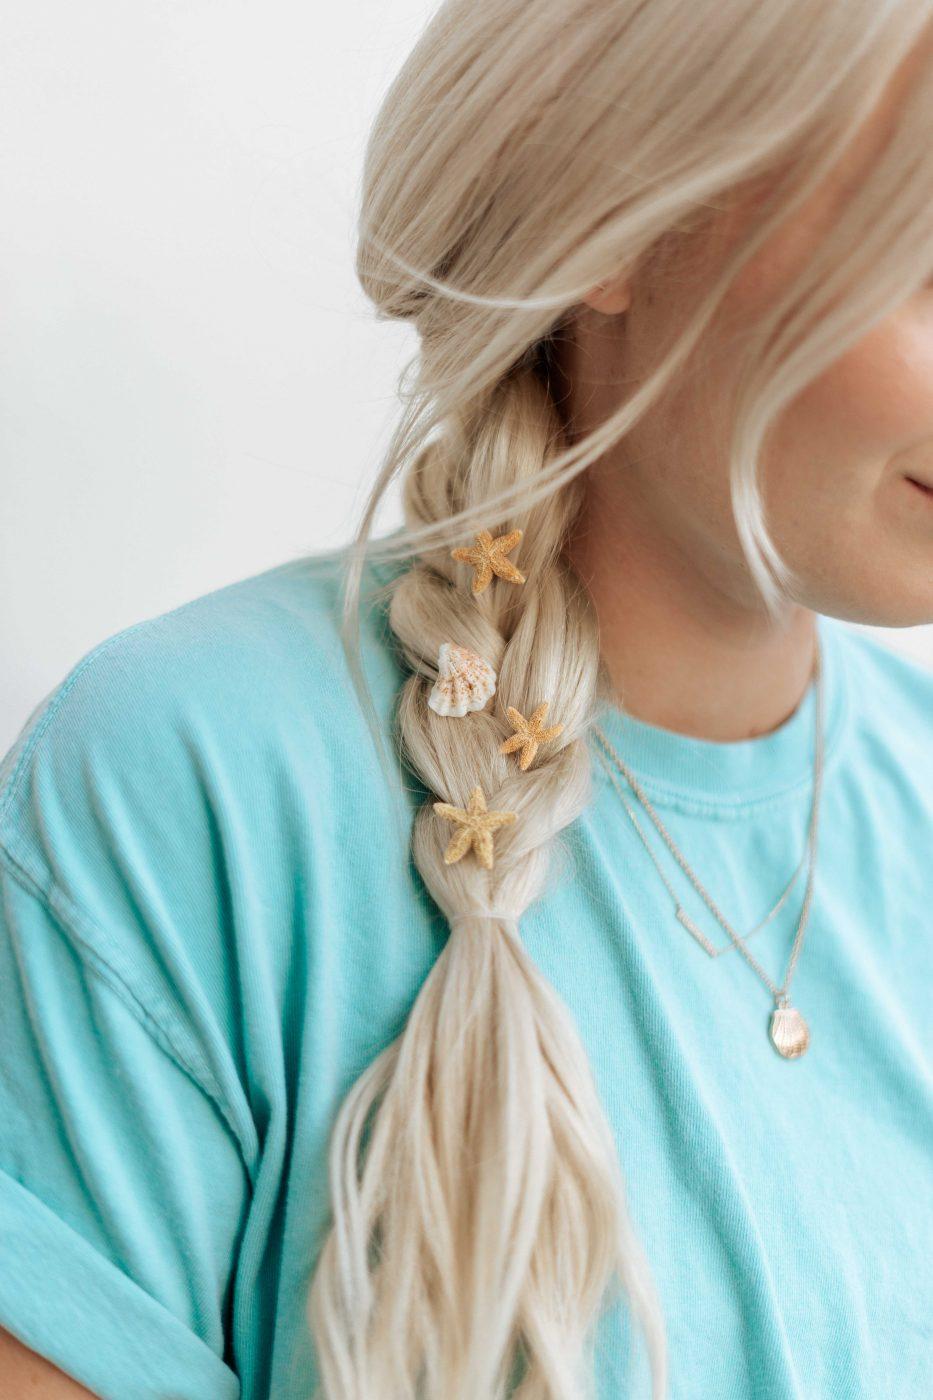 DIY Starfish Hair Rings - Hair Accessories - Sweet Teal